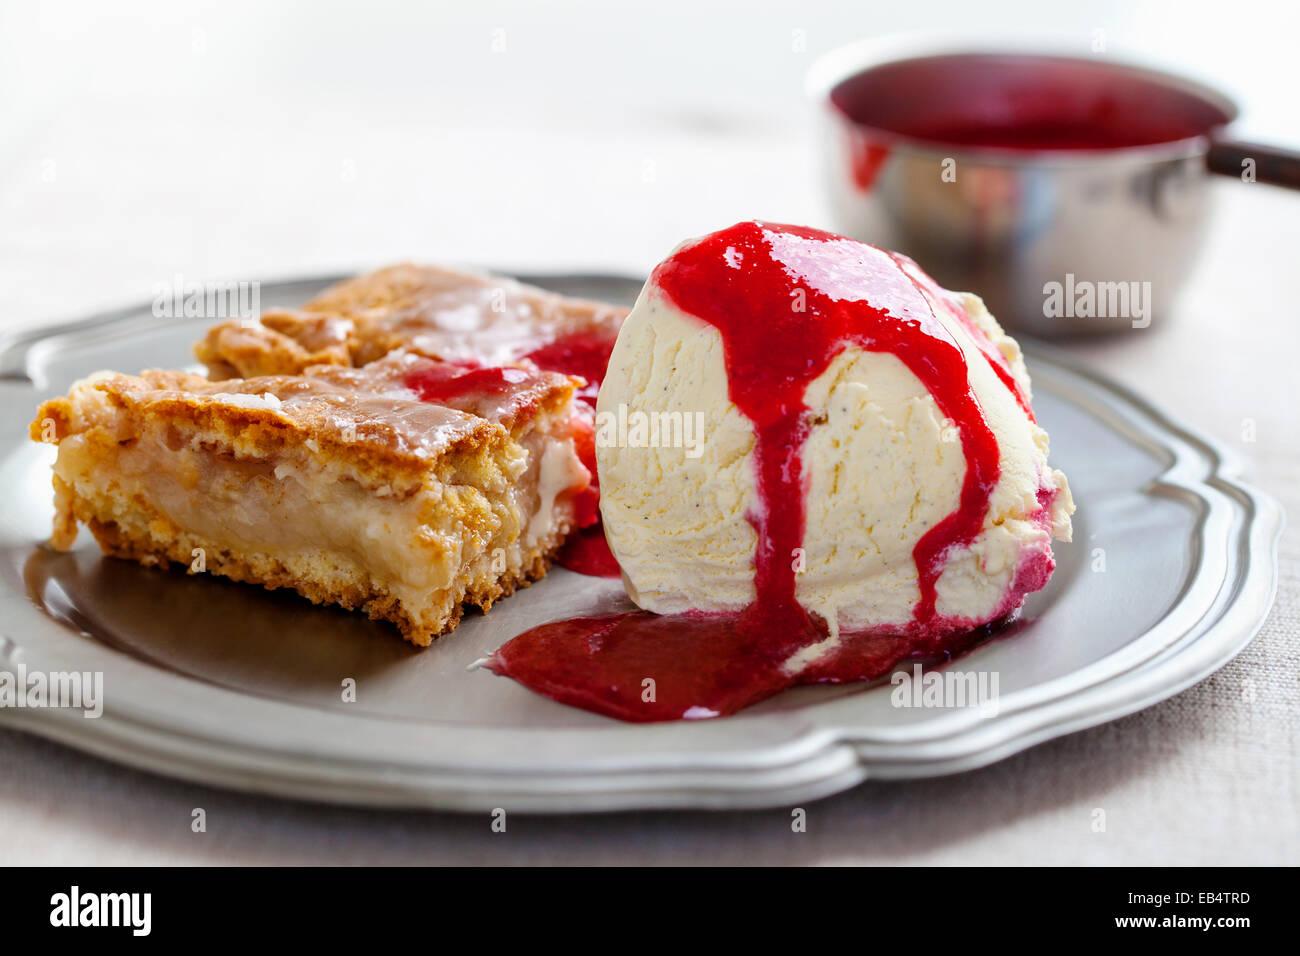 Gâteau aux pommes, glace vanille et sauce aux framboises Photo Stock